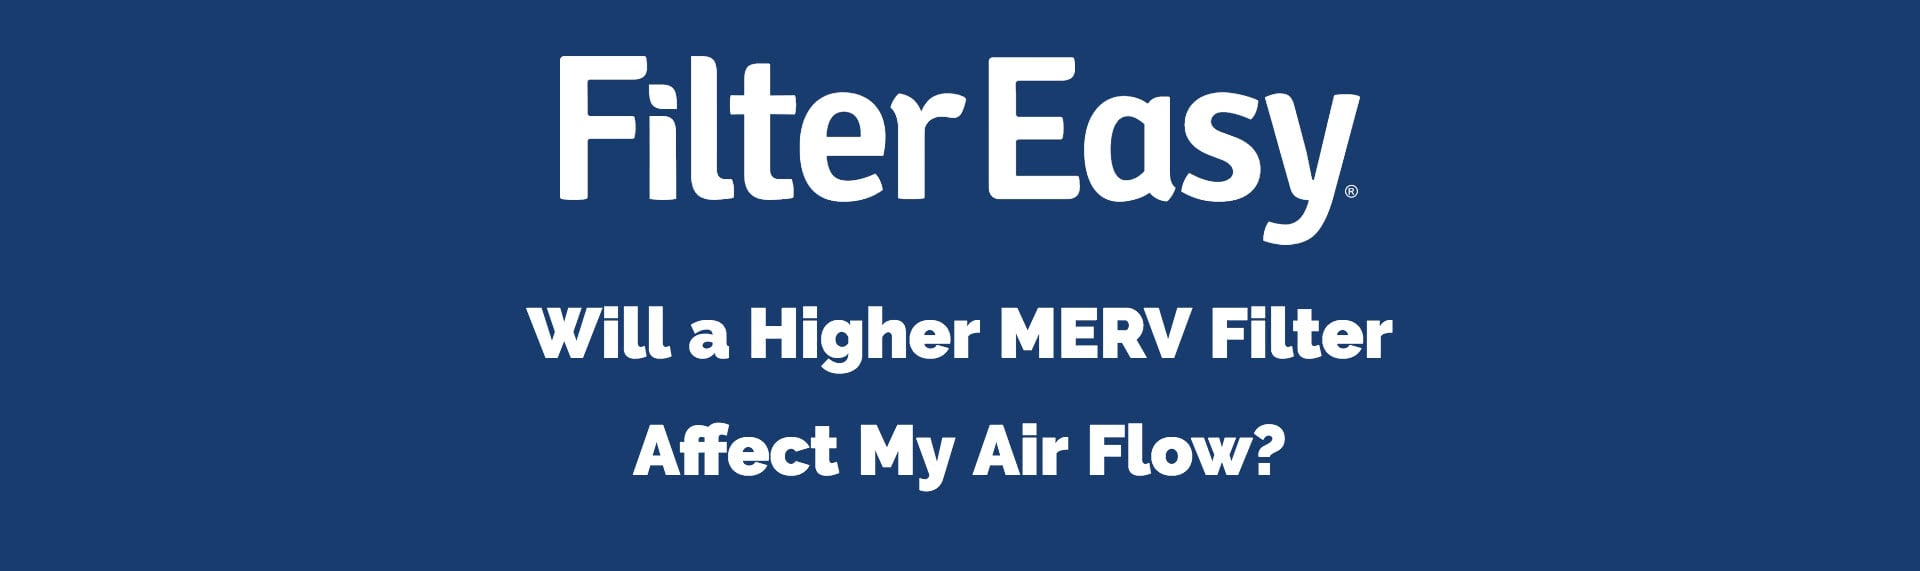 higher MERV filter affect air flow